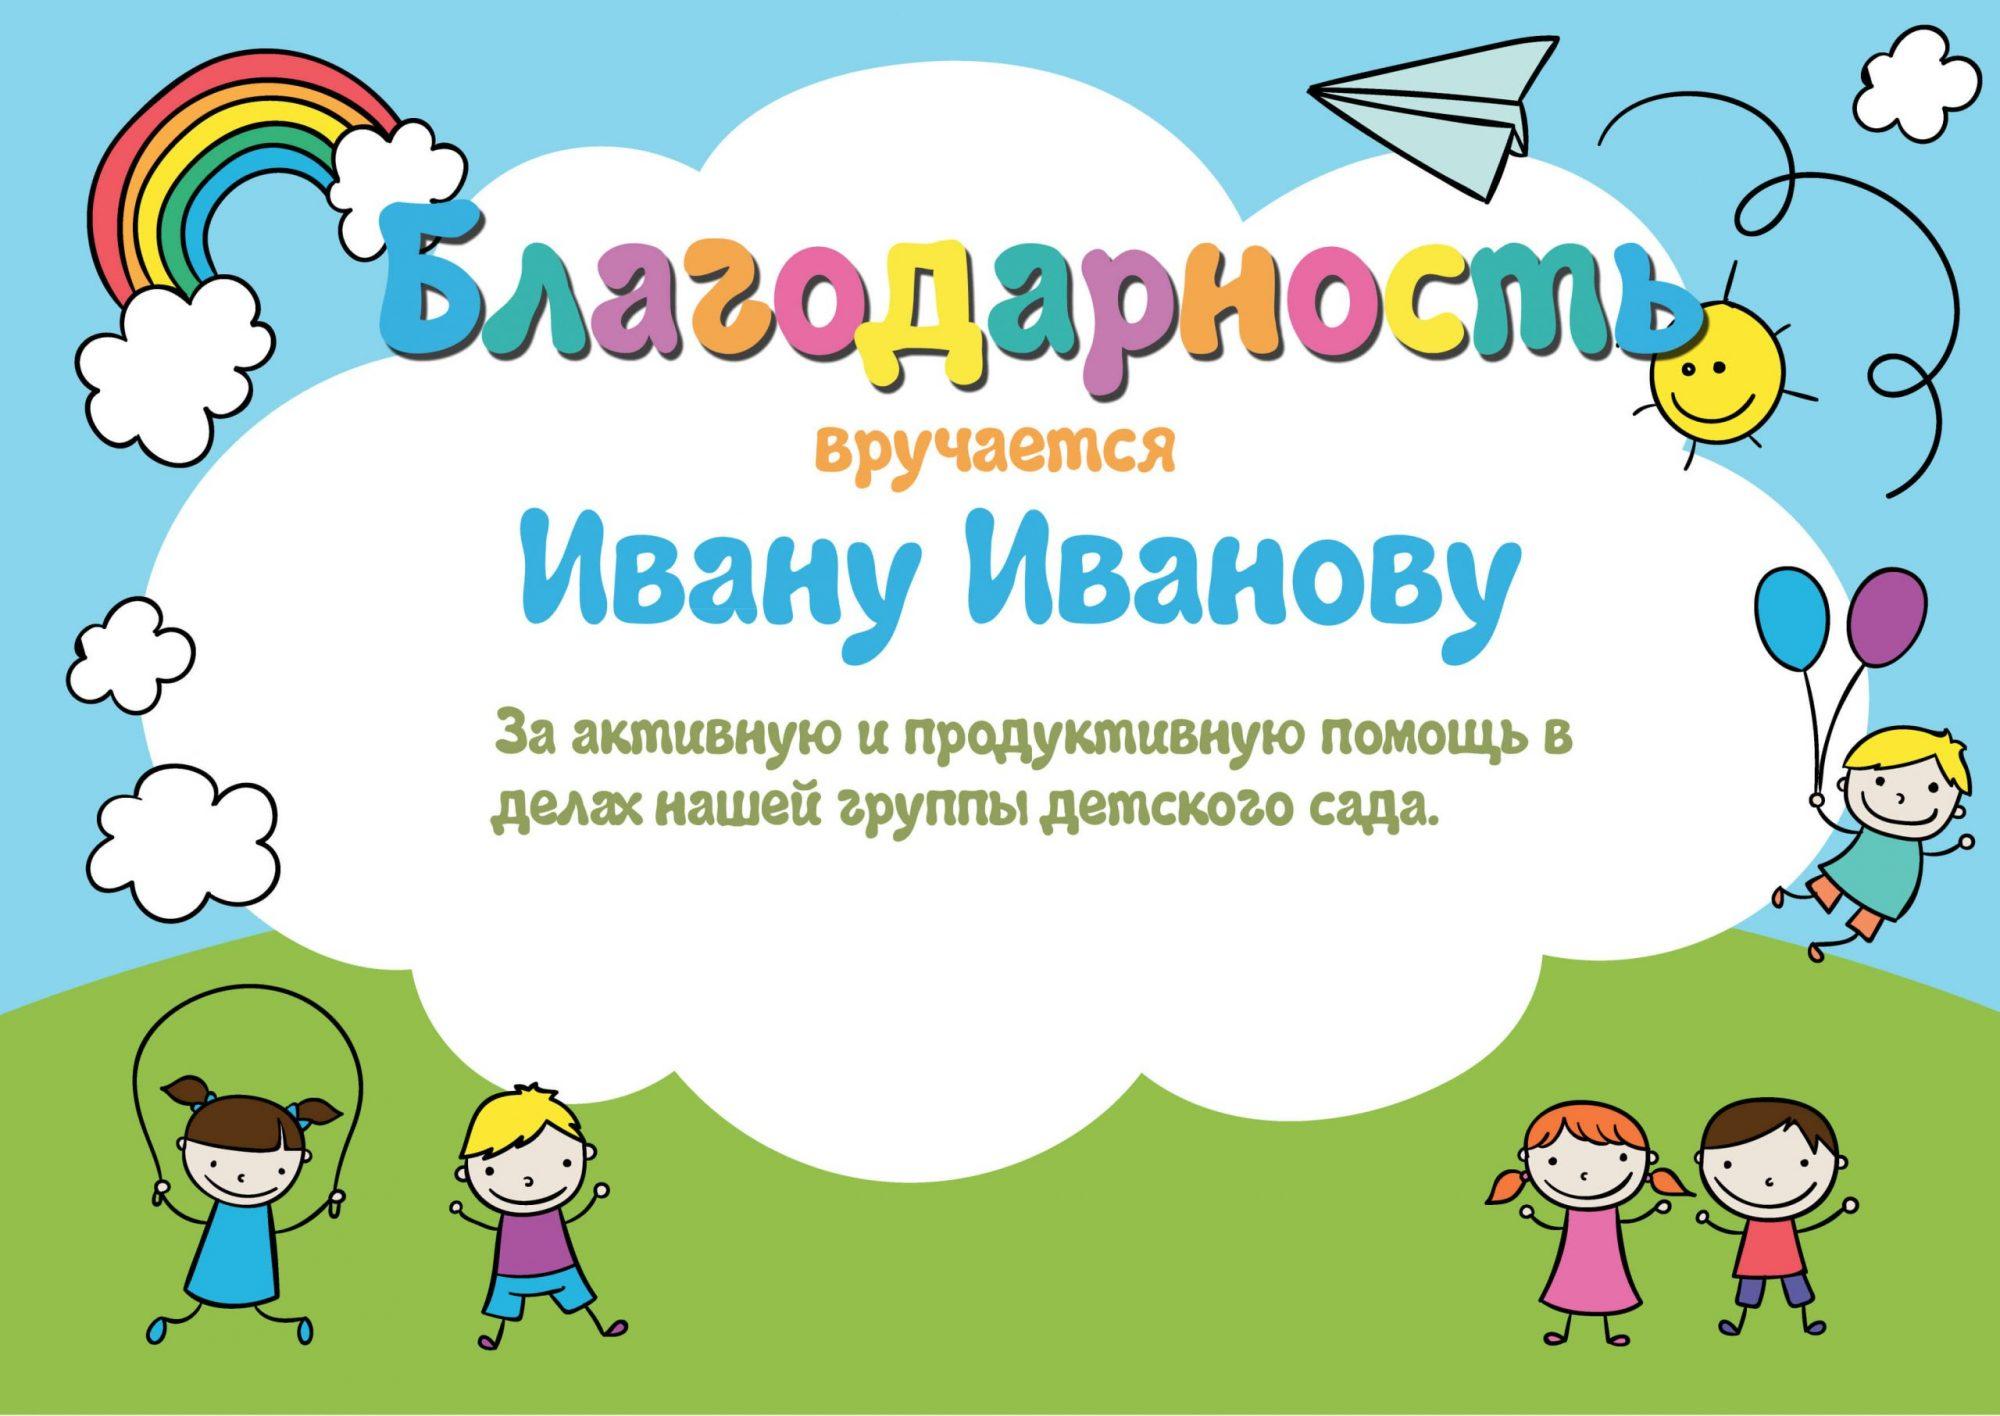 благодарность для детского сада